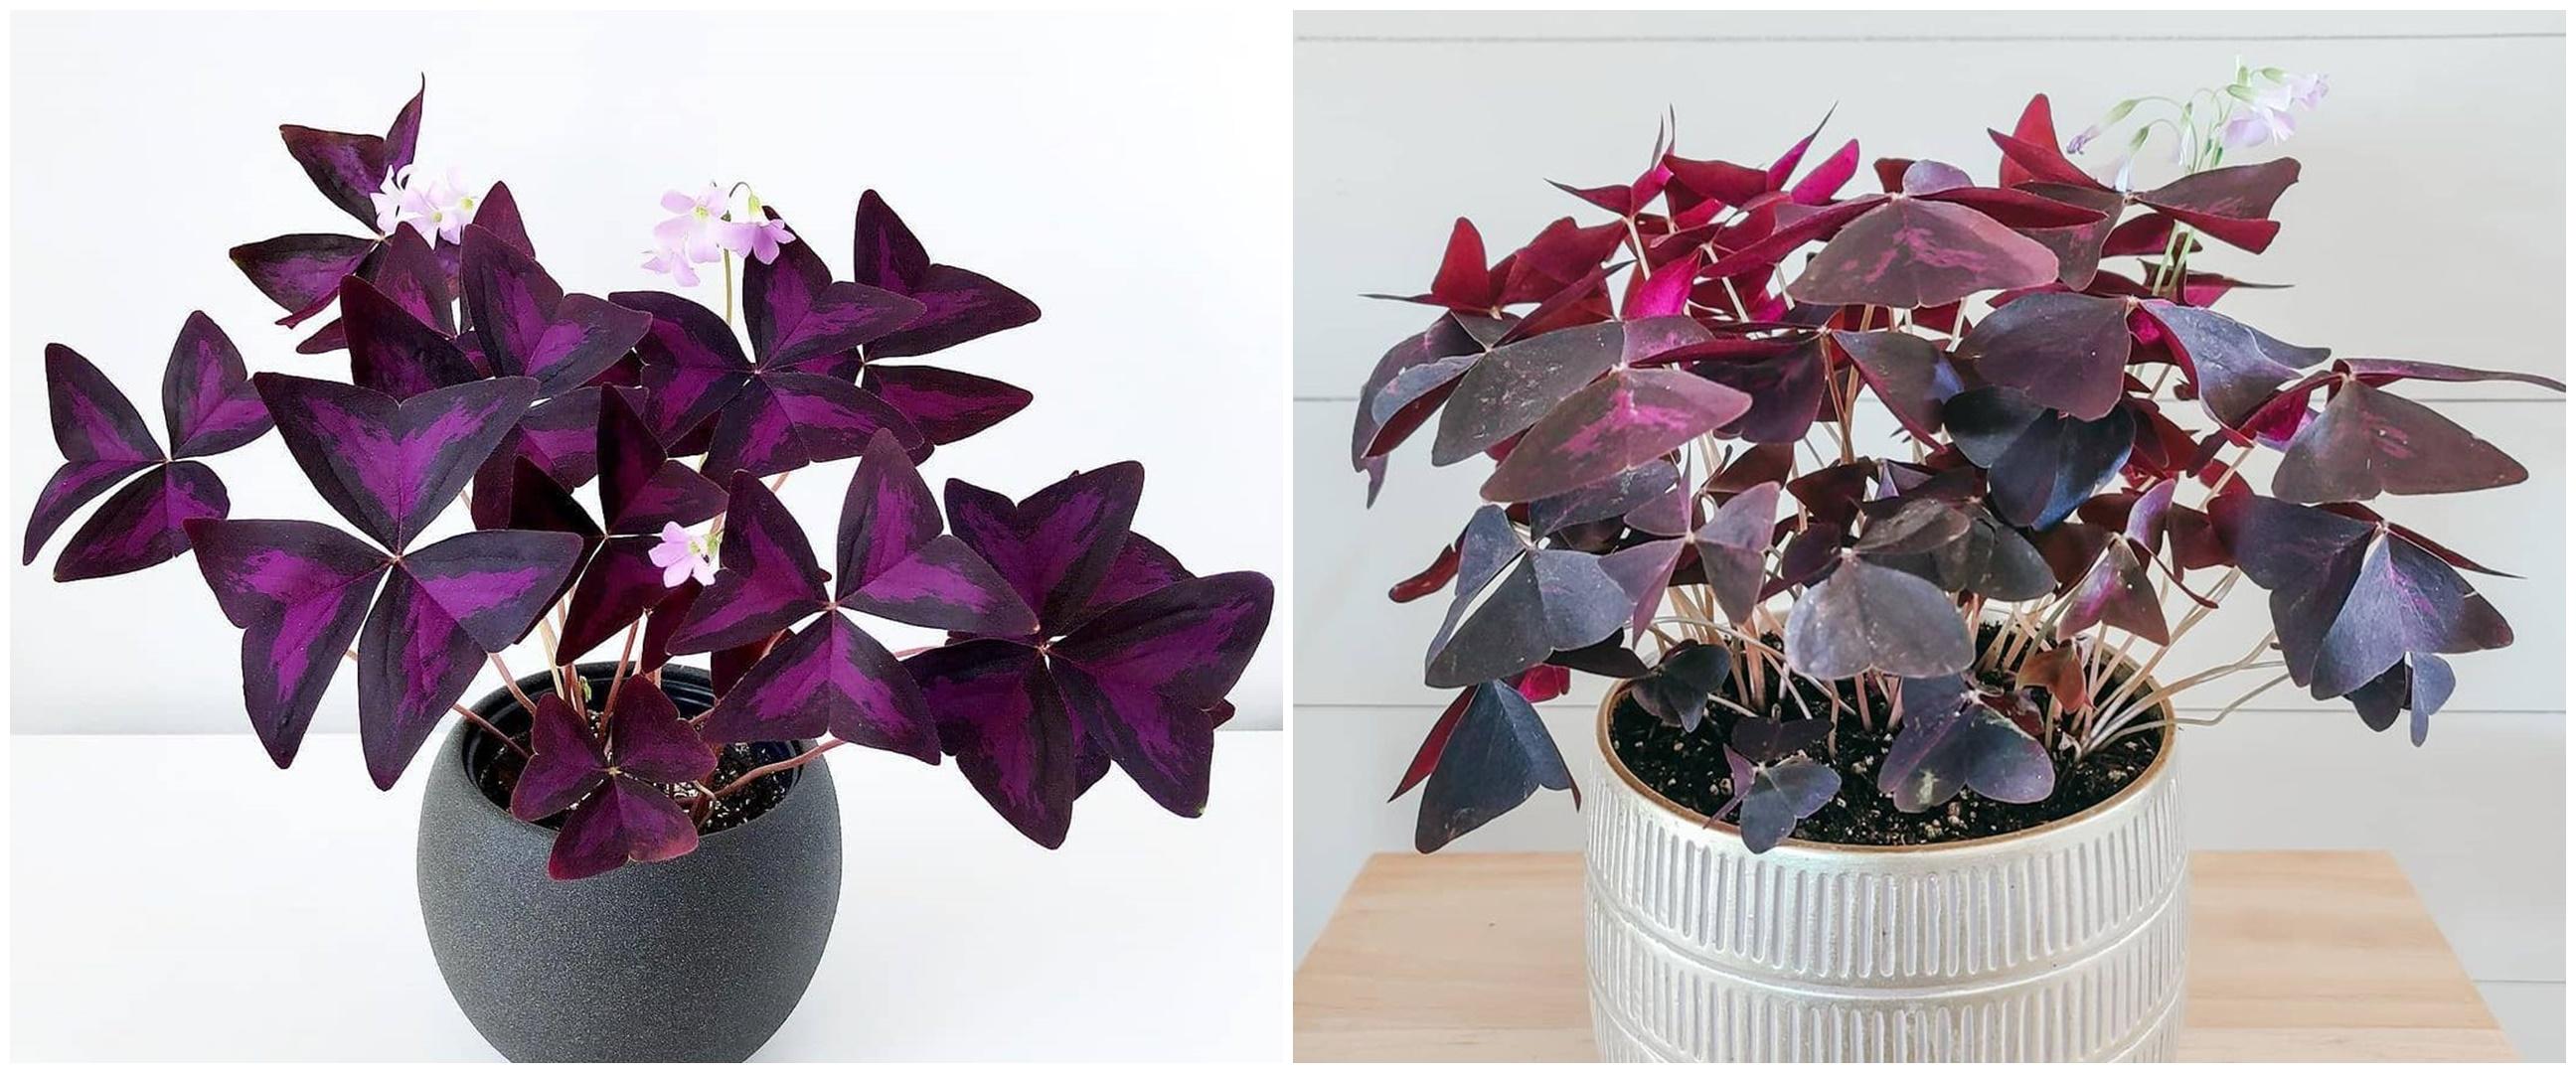 Mengenal tanaman hias bunga kupu-kupu, menawan dengan rona ungu